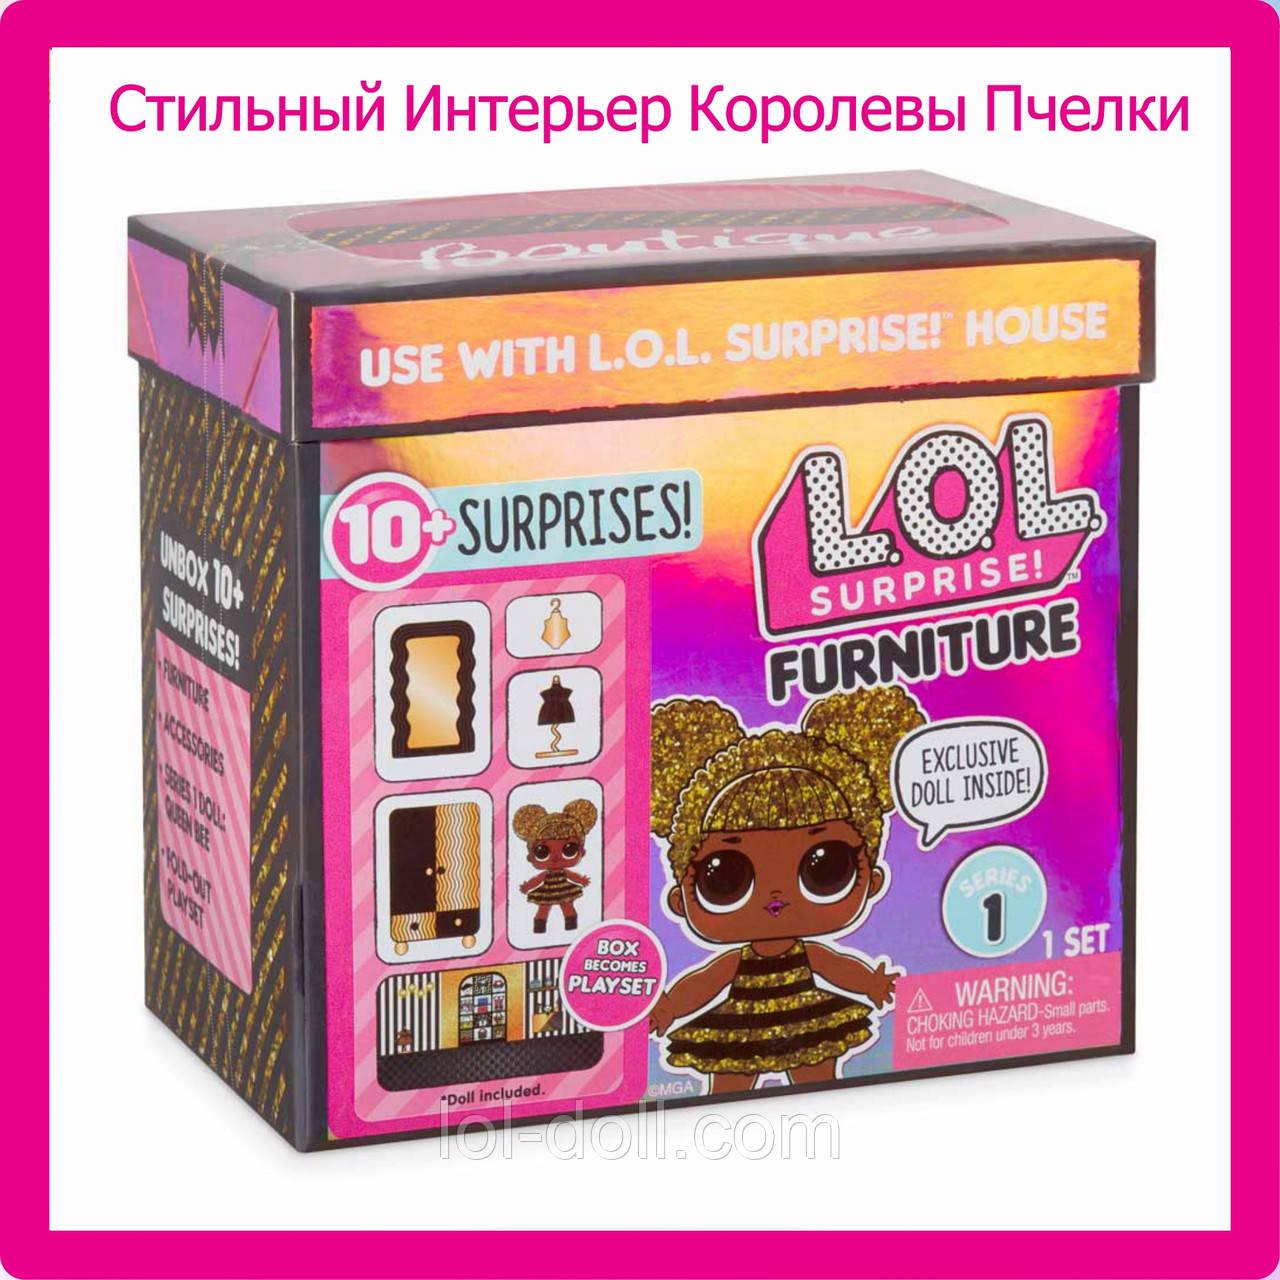 Игровой набор с куклой L.O.L. SURPRISE! - Стильный Интерьер Королевы Пчелки ЛОЛ